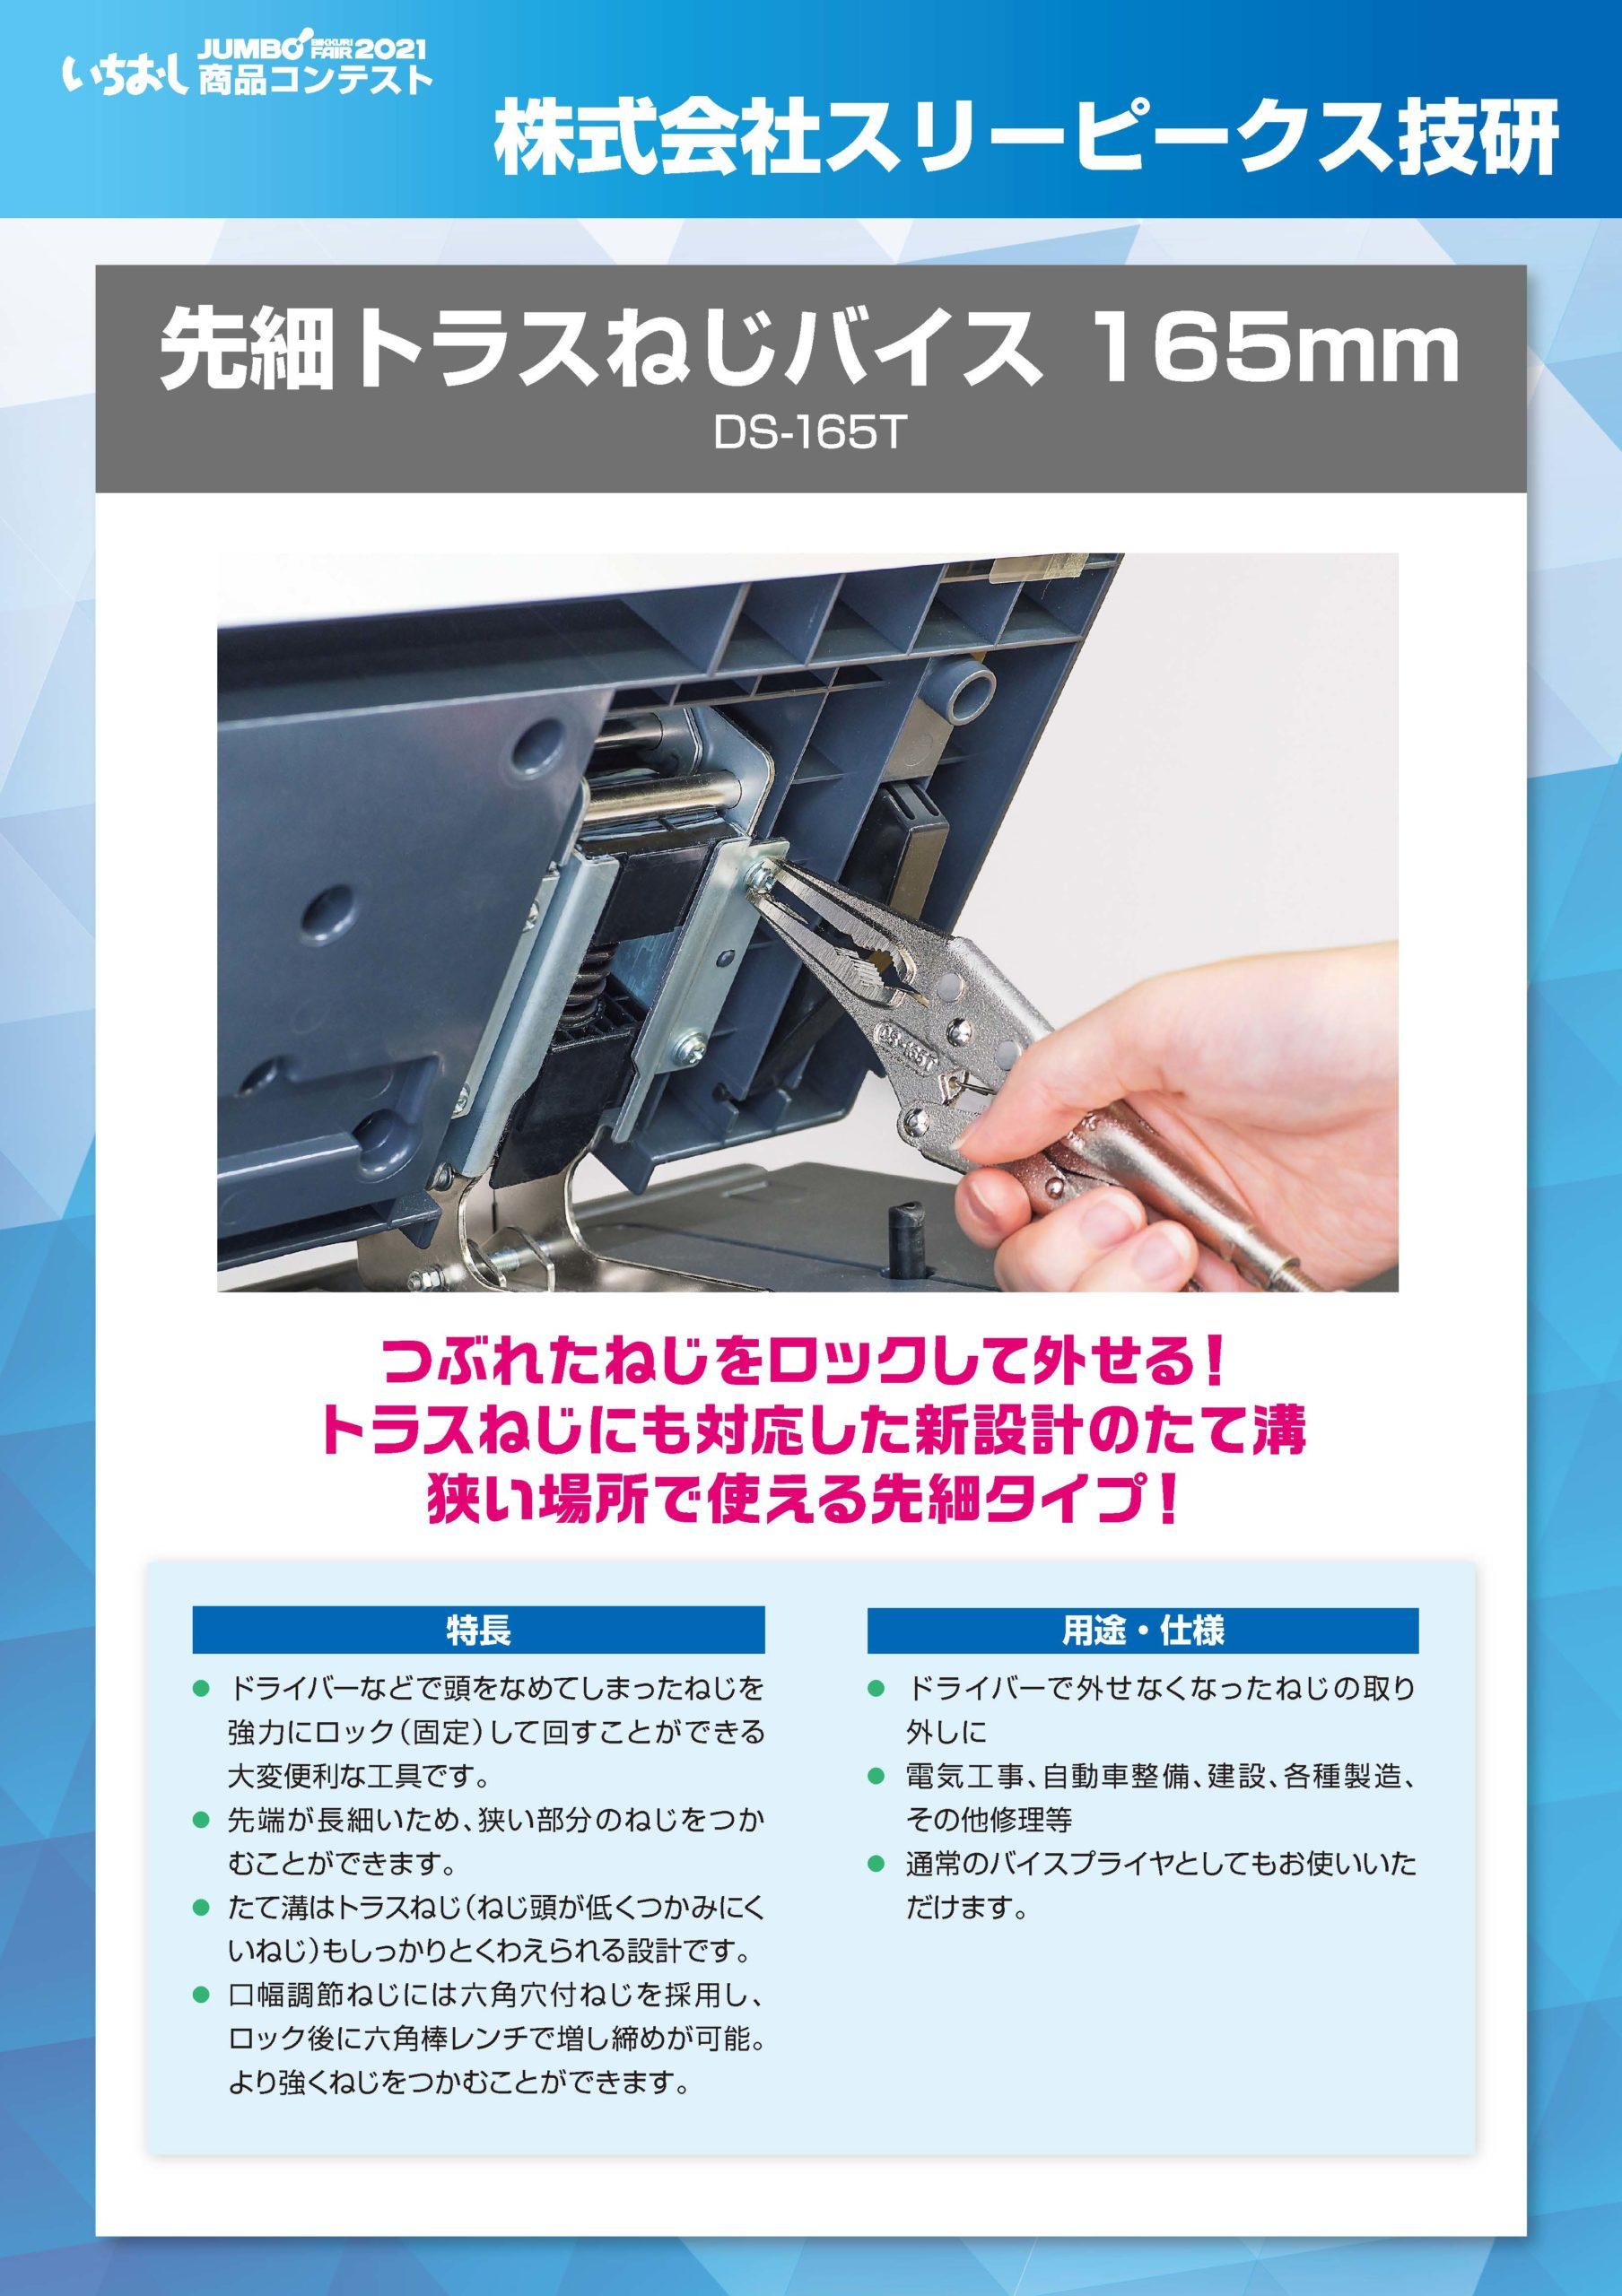 「先細トラスねじバイス 165mm」株式会社スリーピークス技研の画像